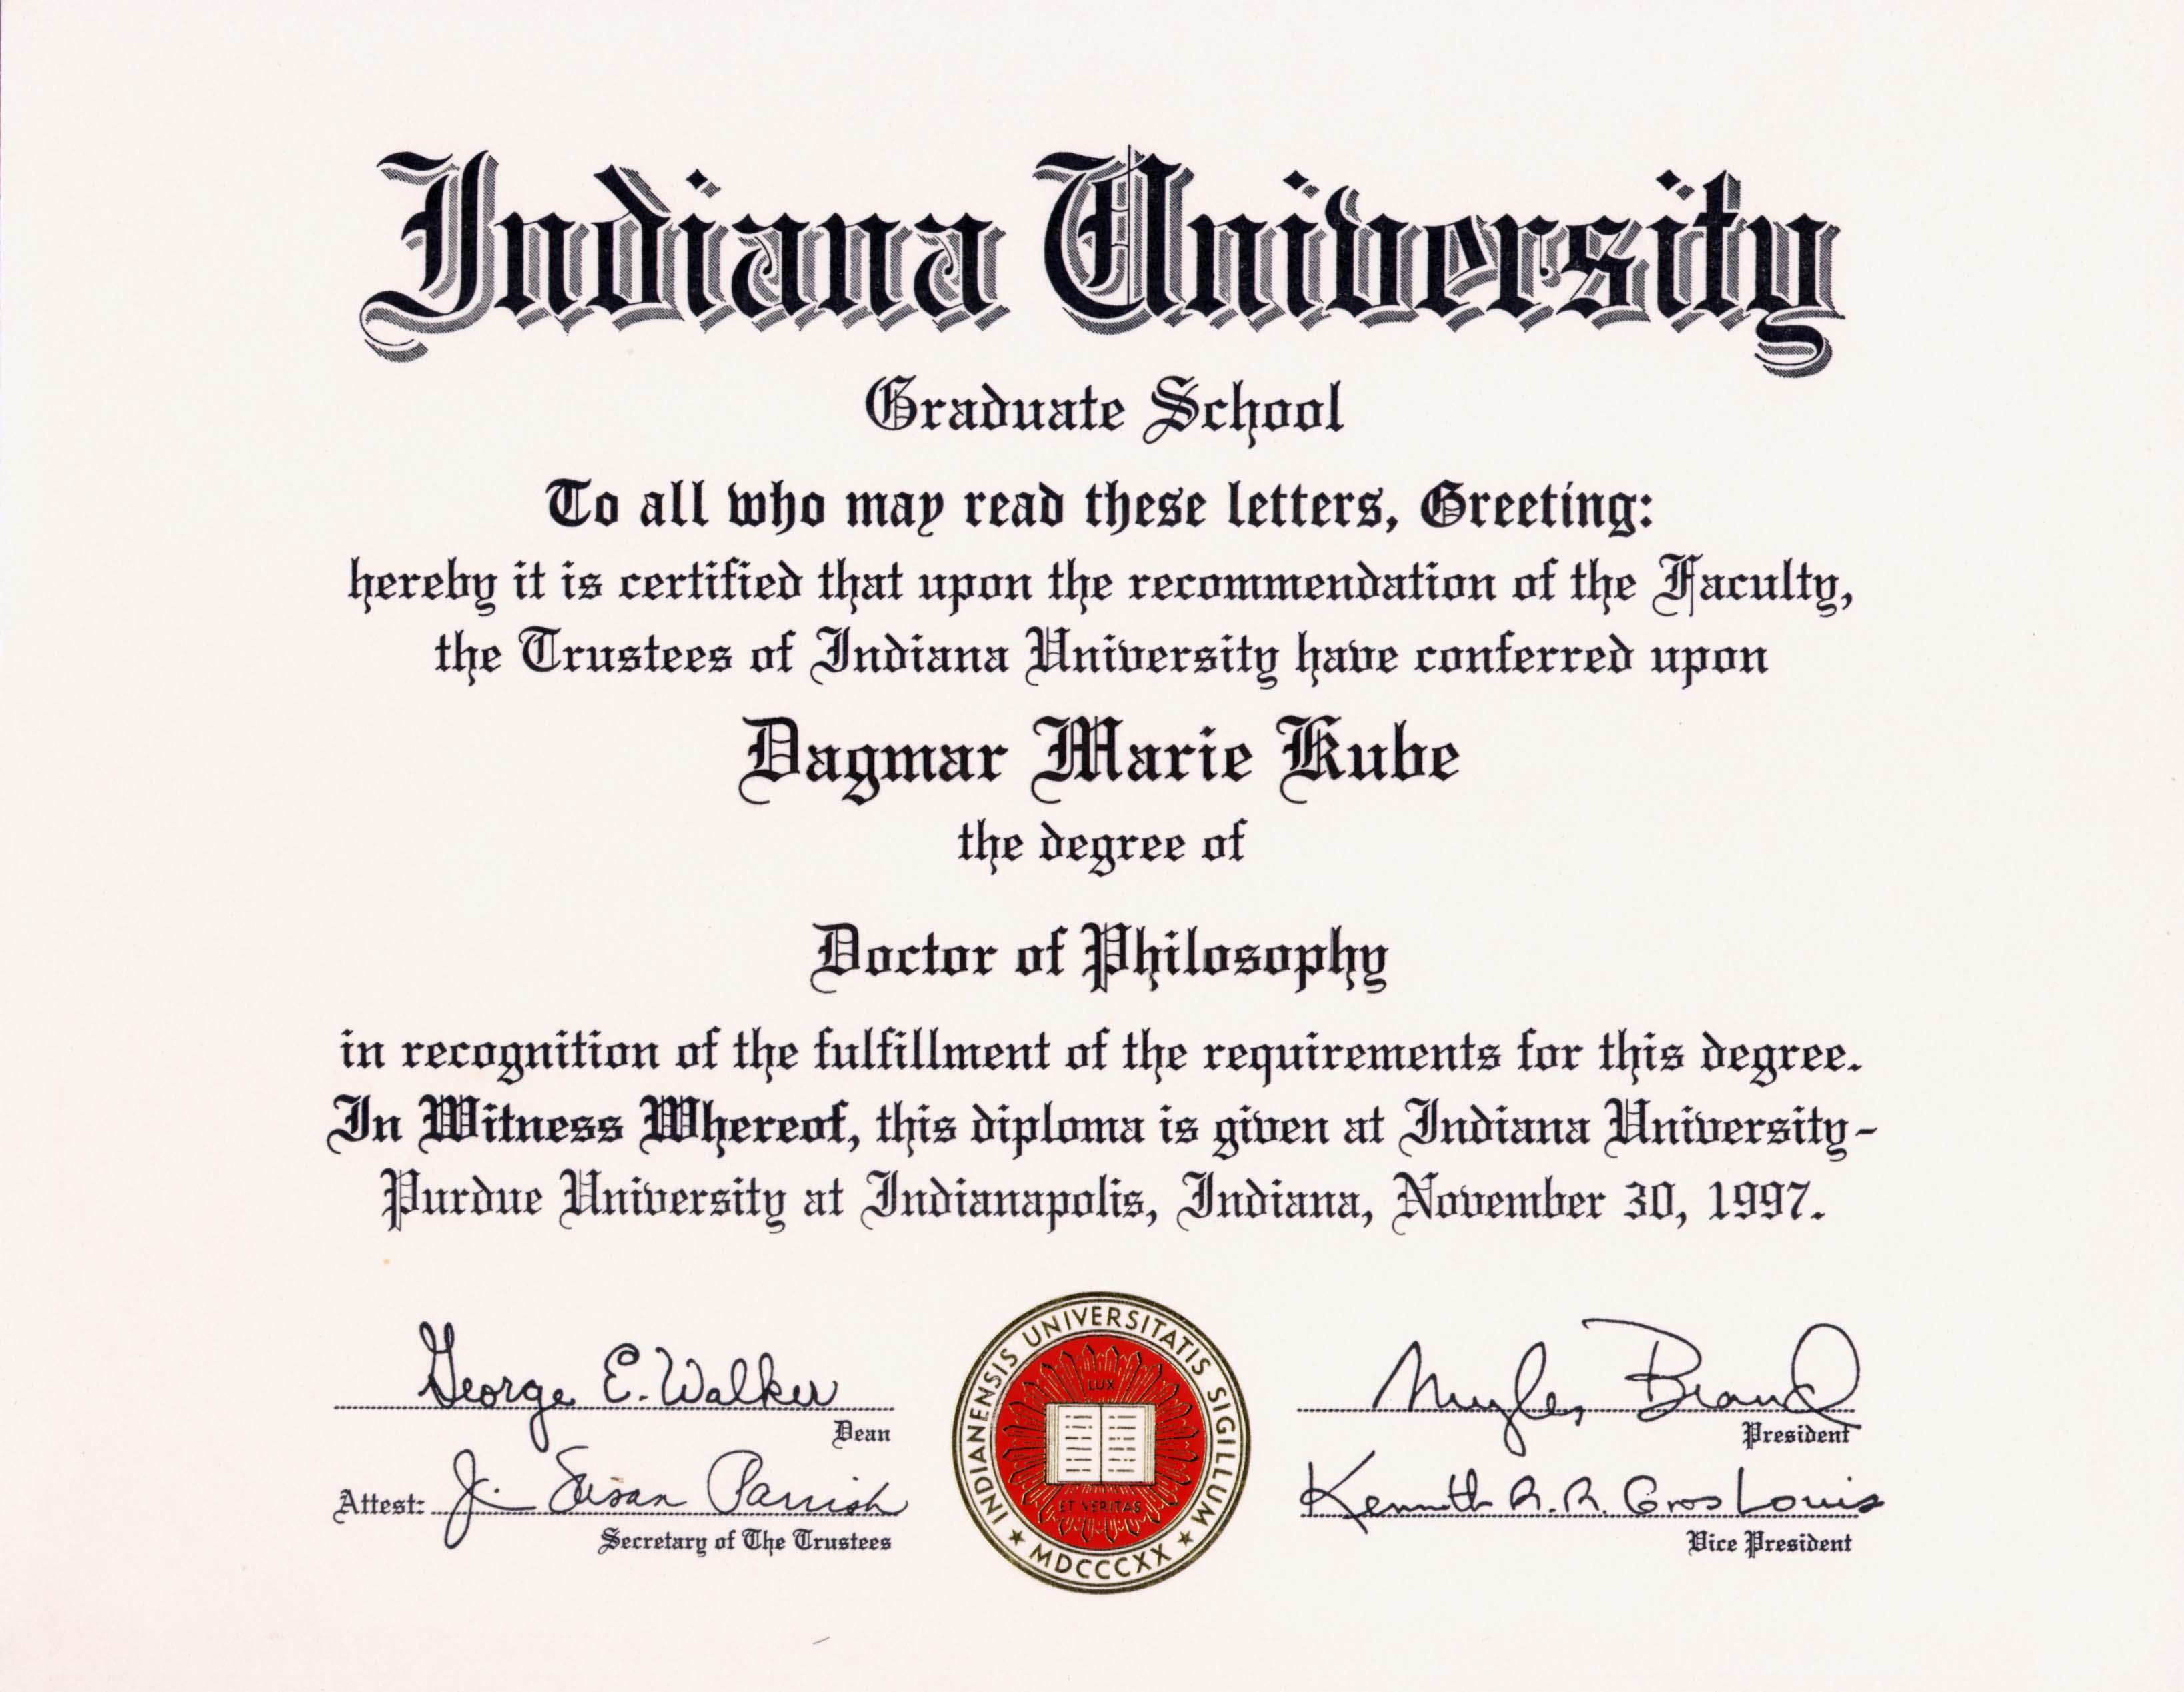 IU PhD 1997 JPEG Medium.JPG